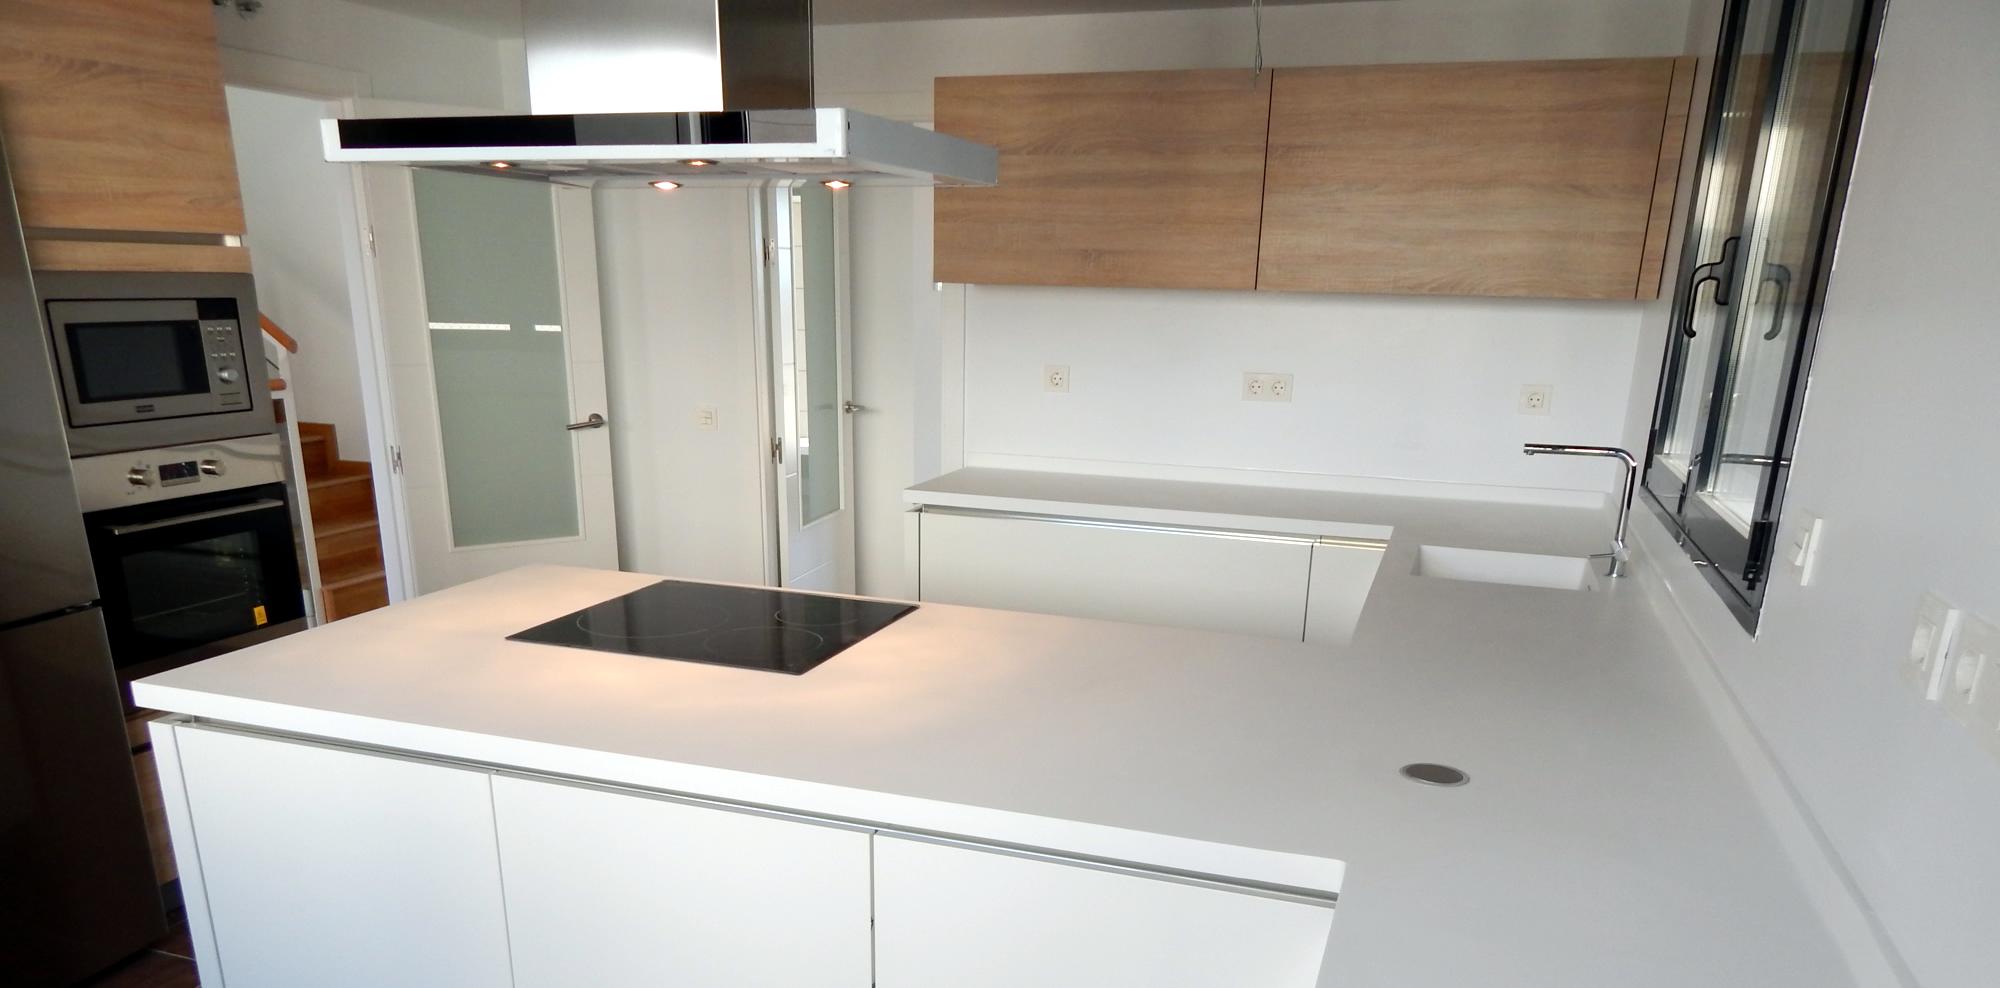 Muebles de cocina dise o en blanco - Diseno para cocina ...